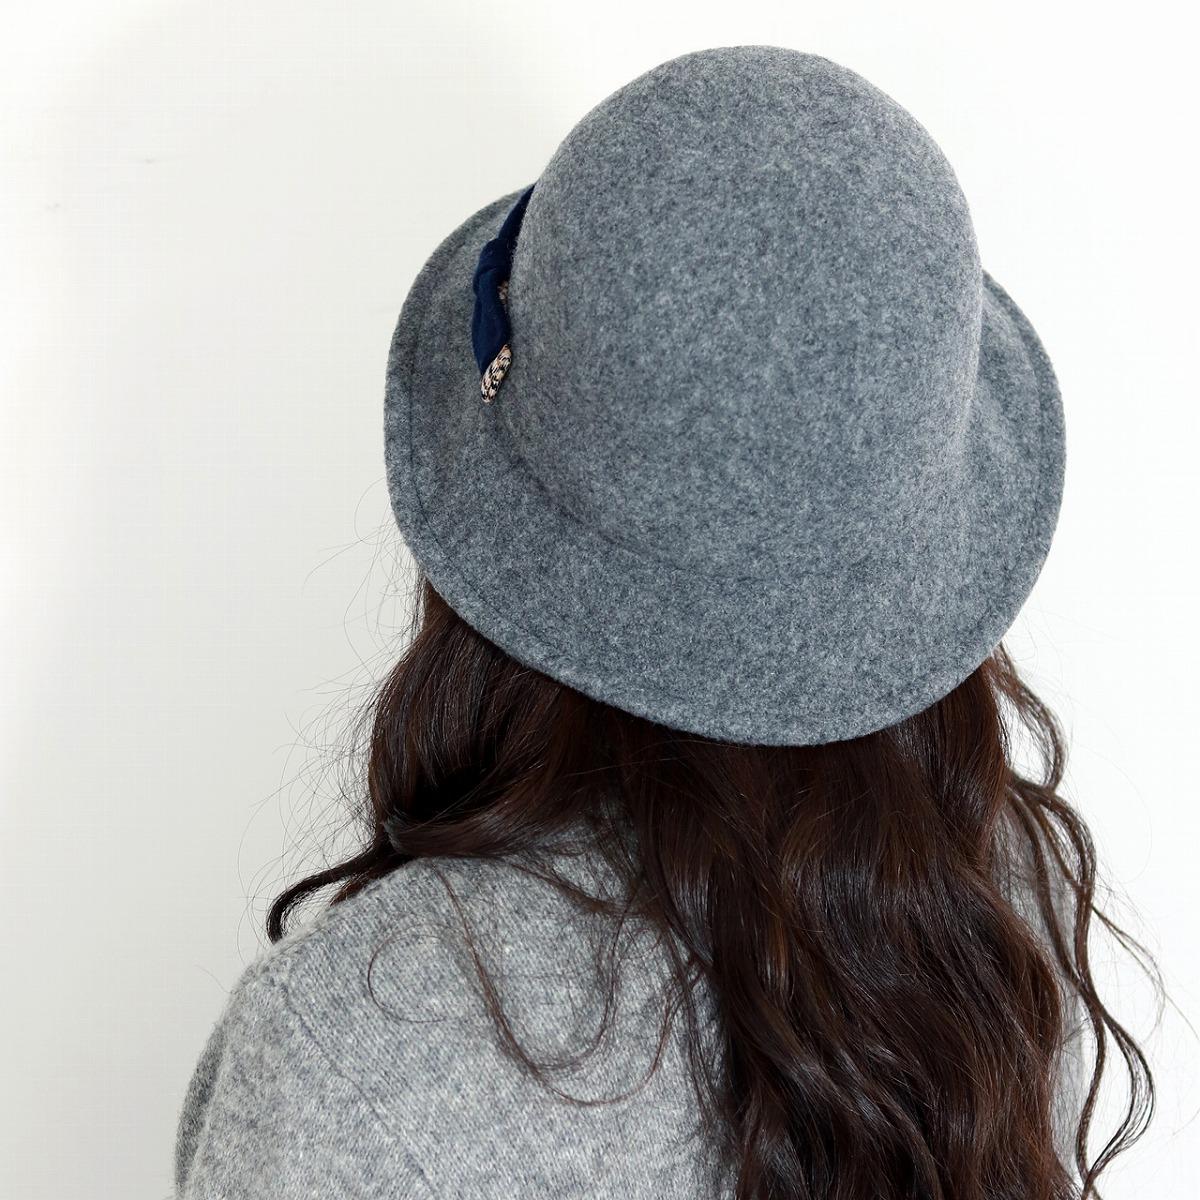 バスク 帽子 レディース 秋冬 ダックス ダウンハット レディース ハット 日本製 DAKS 帽子 上品 サイズ調節可 灰色 グレーhatクリスマス ギフト包装 ラッピング 無料8nPwX0Ok